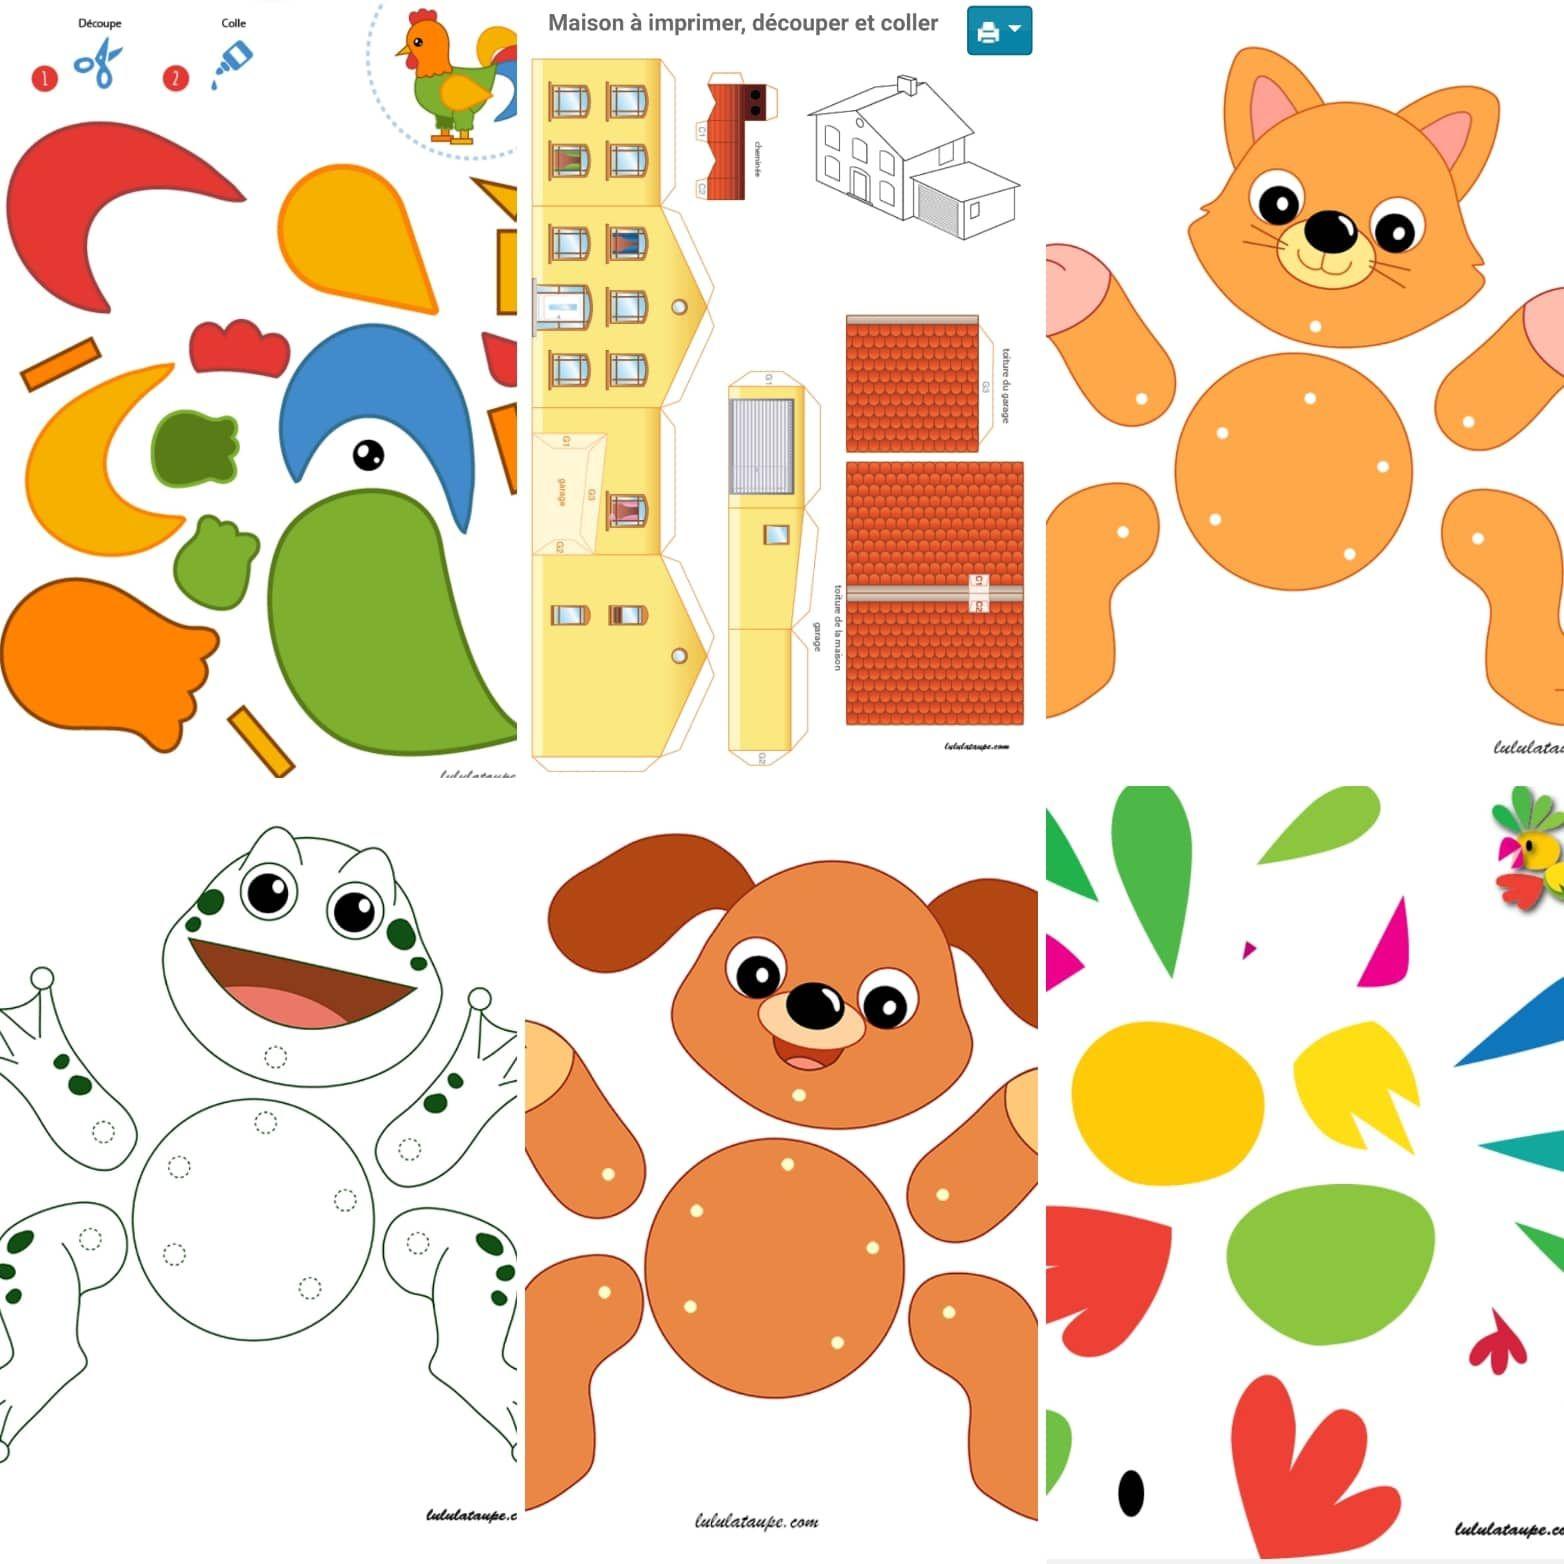 Découpage Bricolage Enfant | Découpage Maternelle, Apprendre intérieur Découpage Collage Maternelle À Imprimer